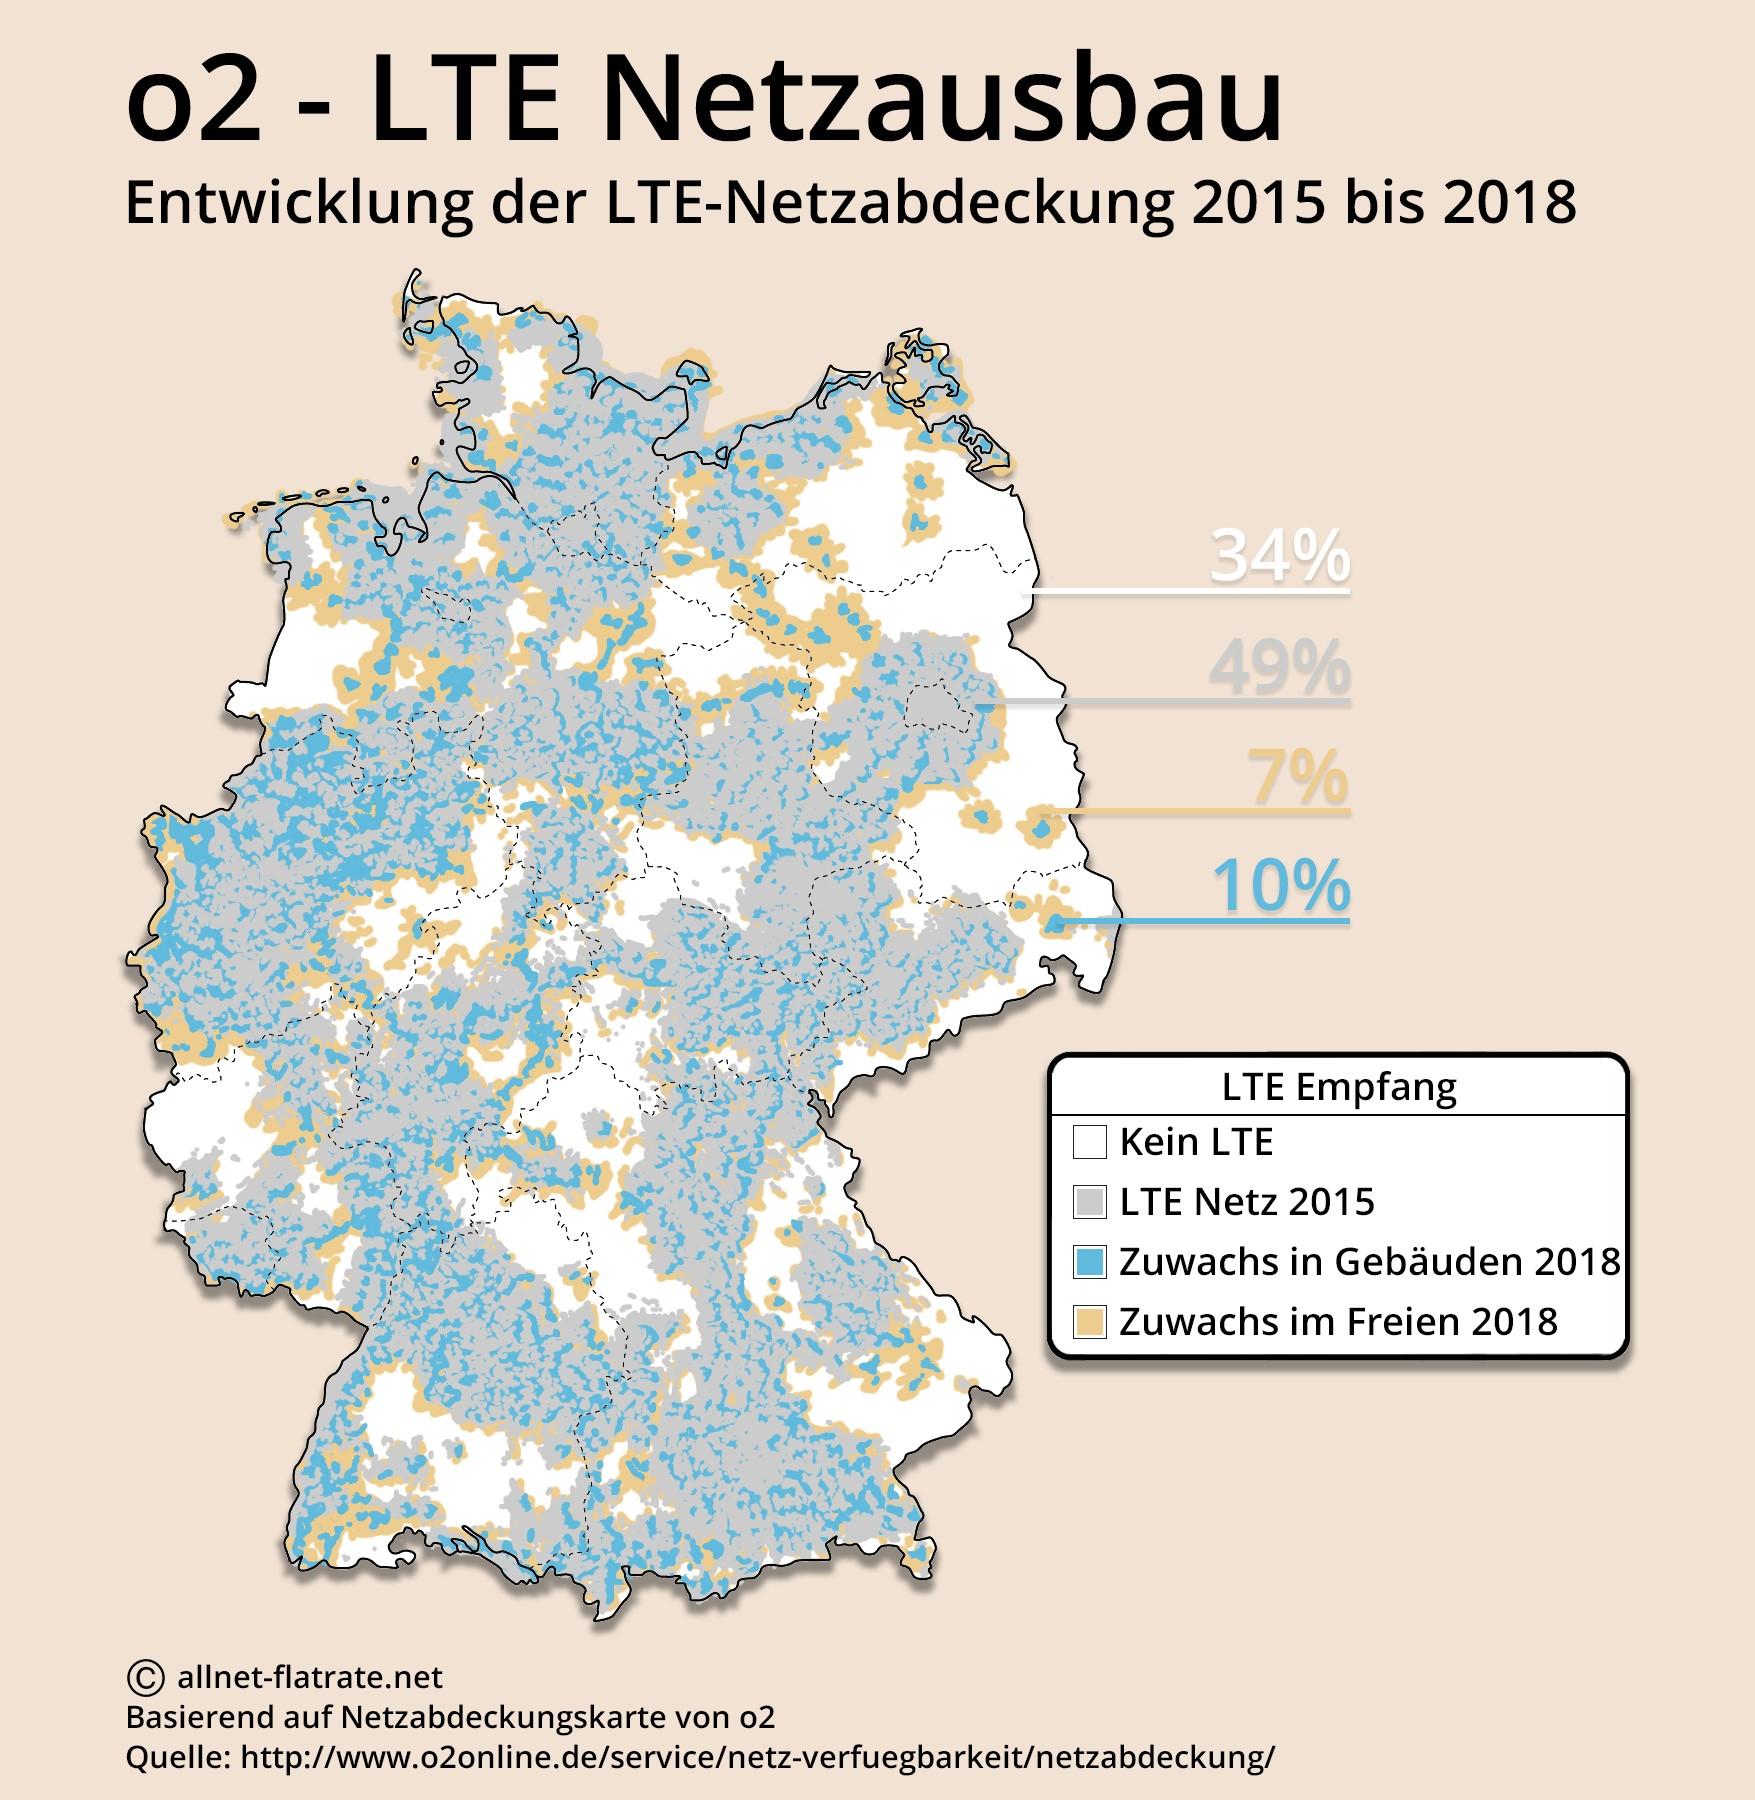 o2 netzabdeckung karte 2020 o2 LTE Netzausbau: Deutschlandkarte zeigt große Lücken